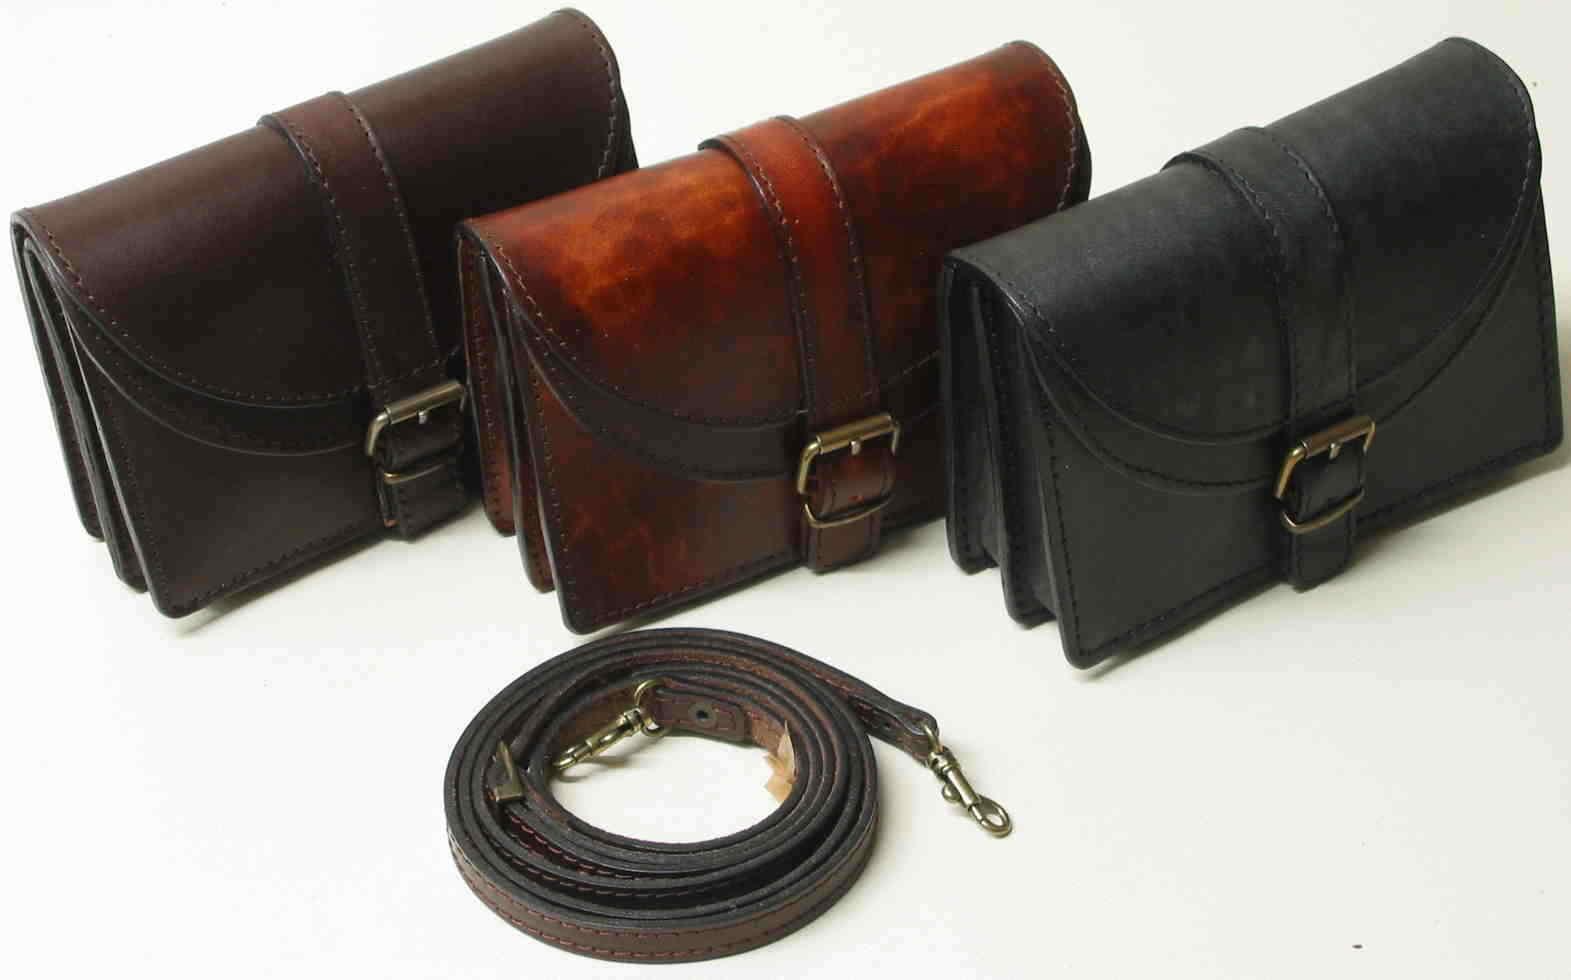 SATTLERQUALITÄT Handtasche LEDER Schultertasche HOCHWERTIG Gürteltasche STABIL  | Ausgewählte Ausgewählte Ausgewählte Materialien  | Neue Sorten werden eingeführt  | Exquisite (in) Verarbeitung  7e3864